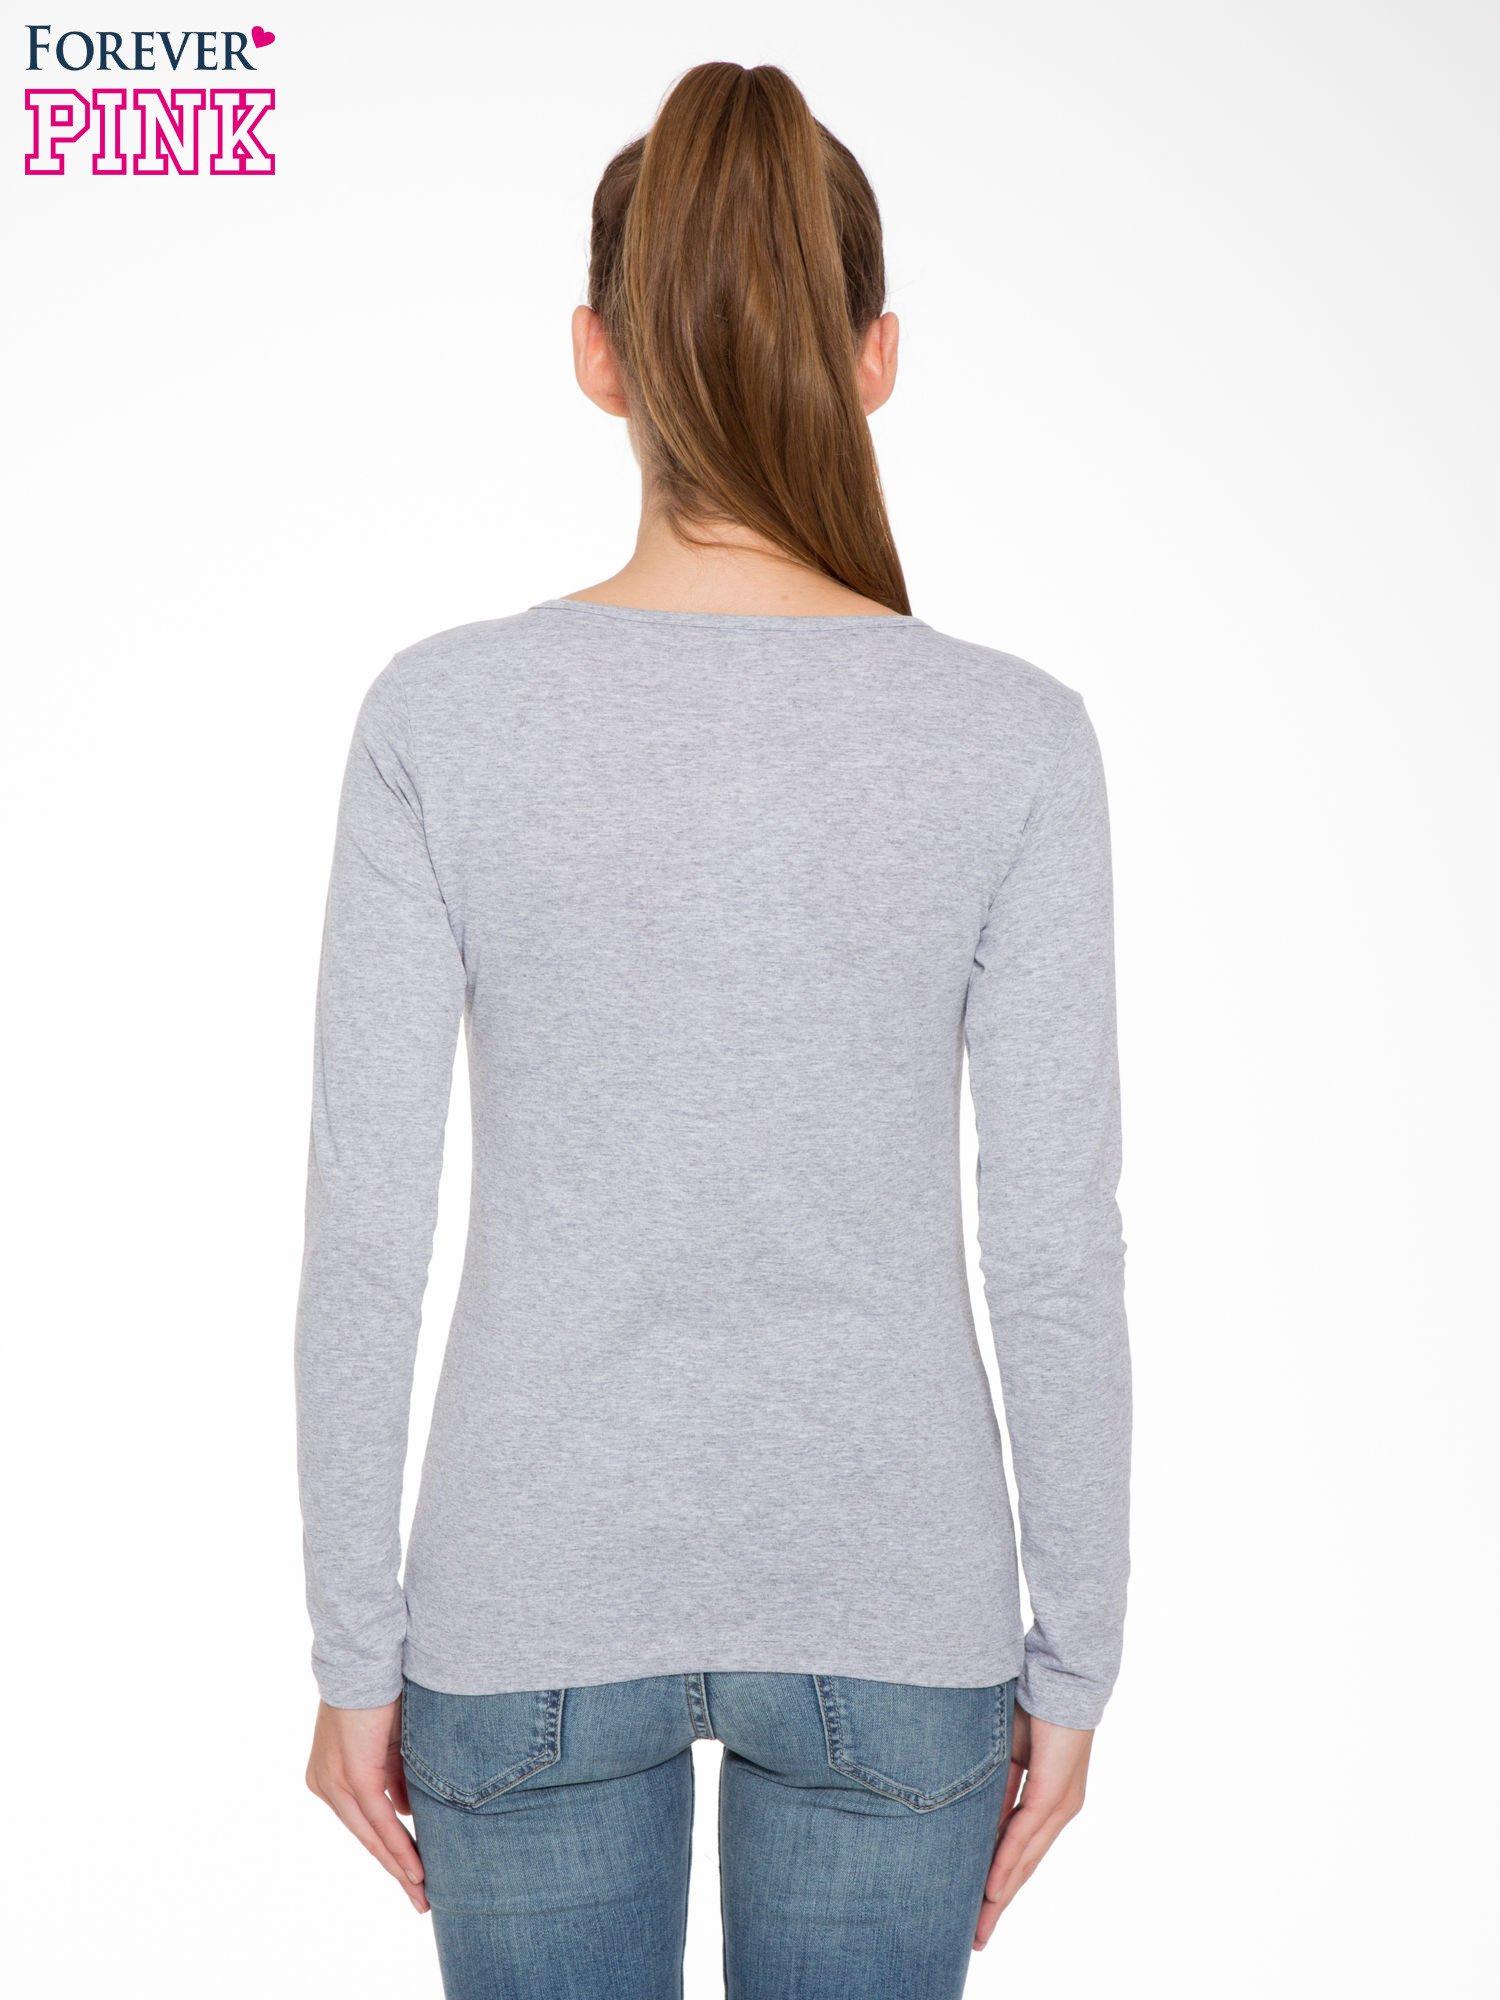 Szara bluzka z portretem kobiety i napisem GOOD GIRLS...                                  zdj.                                  4